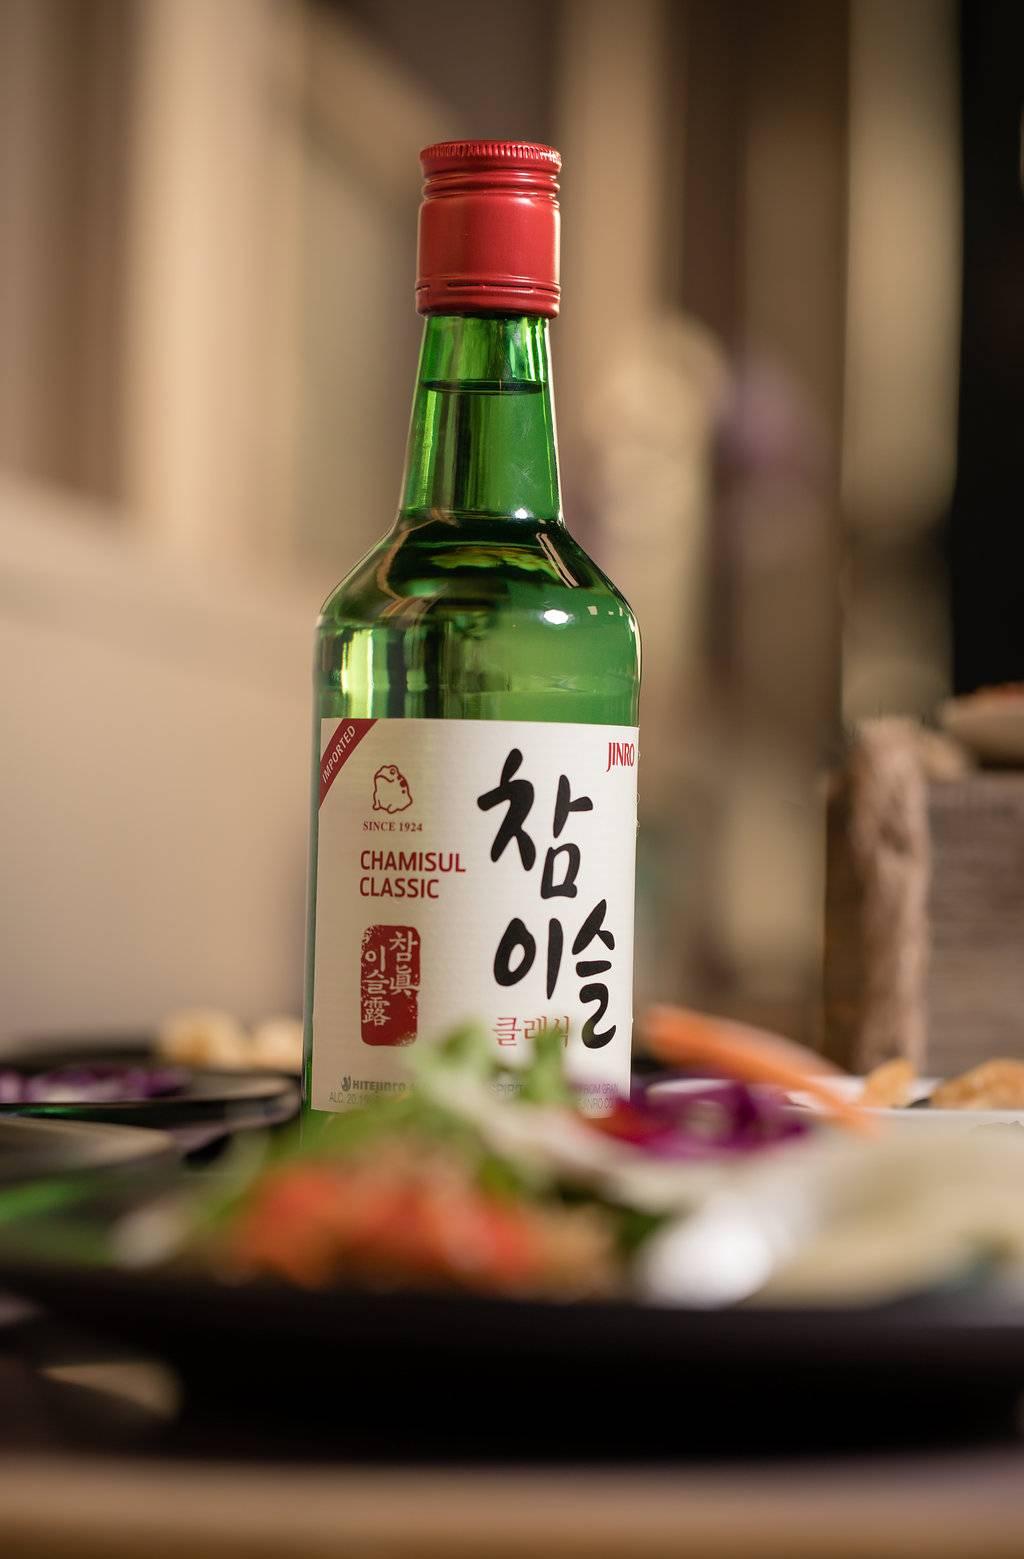 Seoul Kalbi Korean BBQ   restaurant   1610 El Camino Real, San Bruno, CA 94066, USA   6505830702 OR +1 650-583-0702